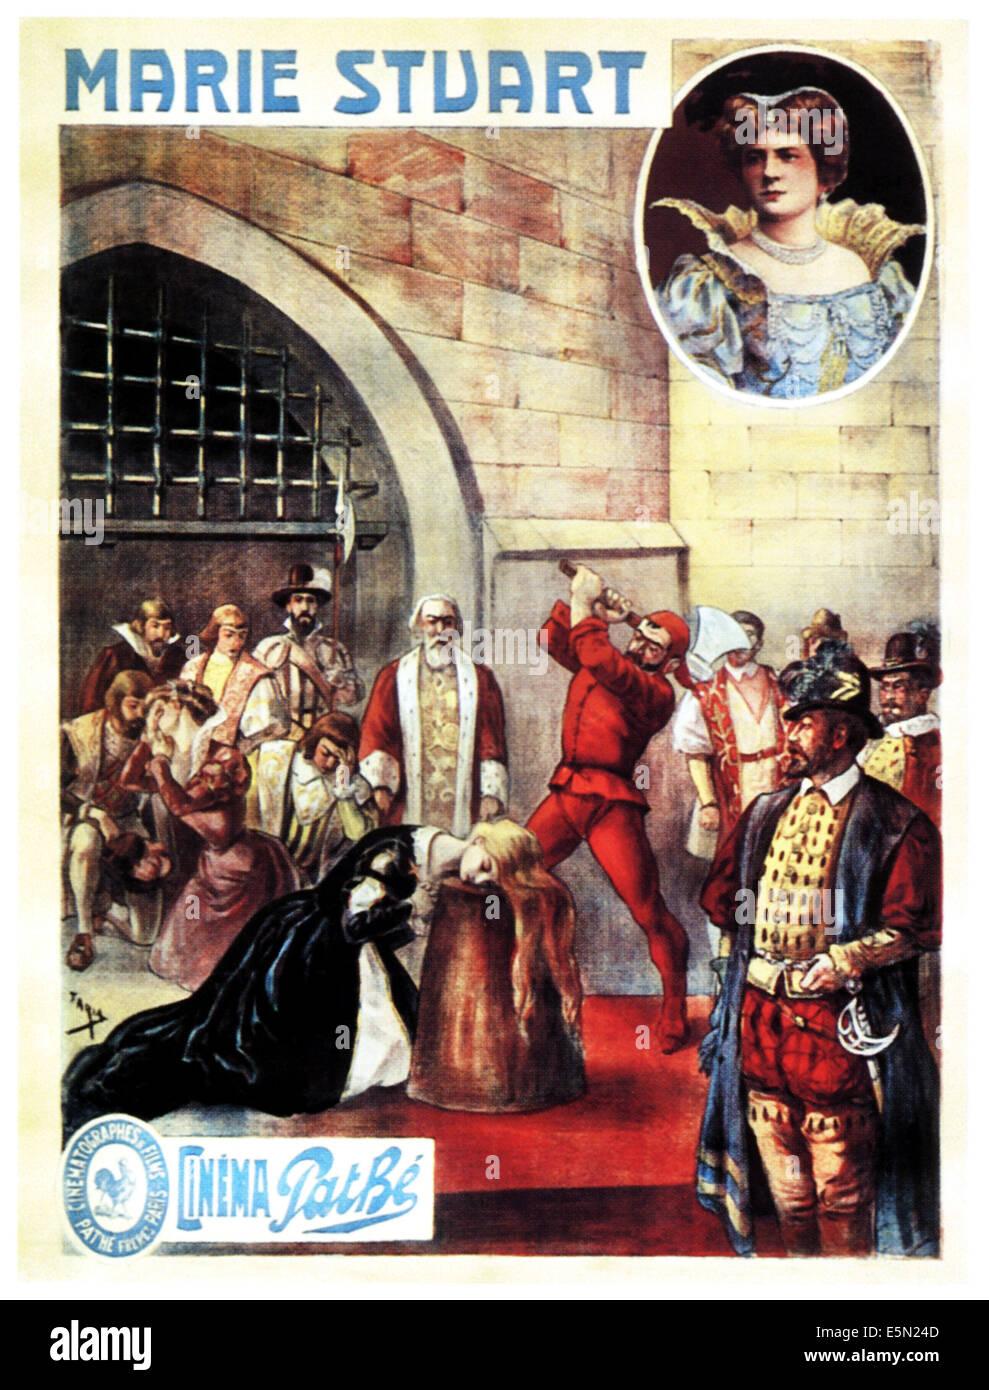 MARIE STUART, French poster art, 1908. - Stock Image